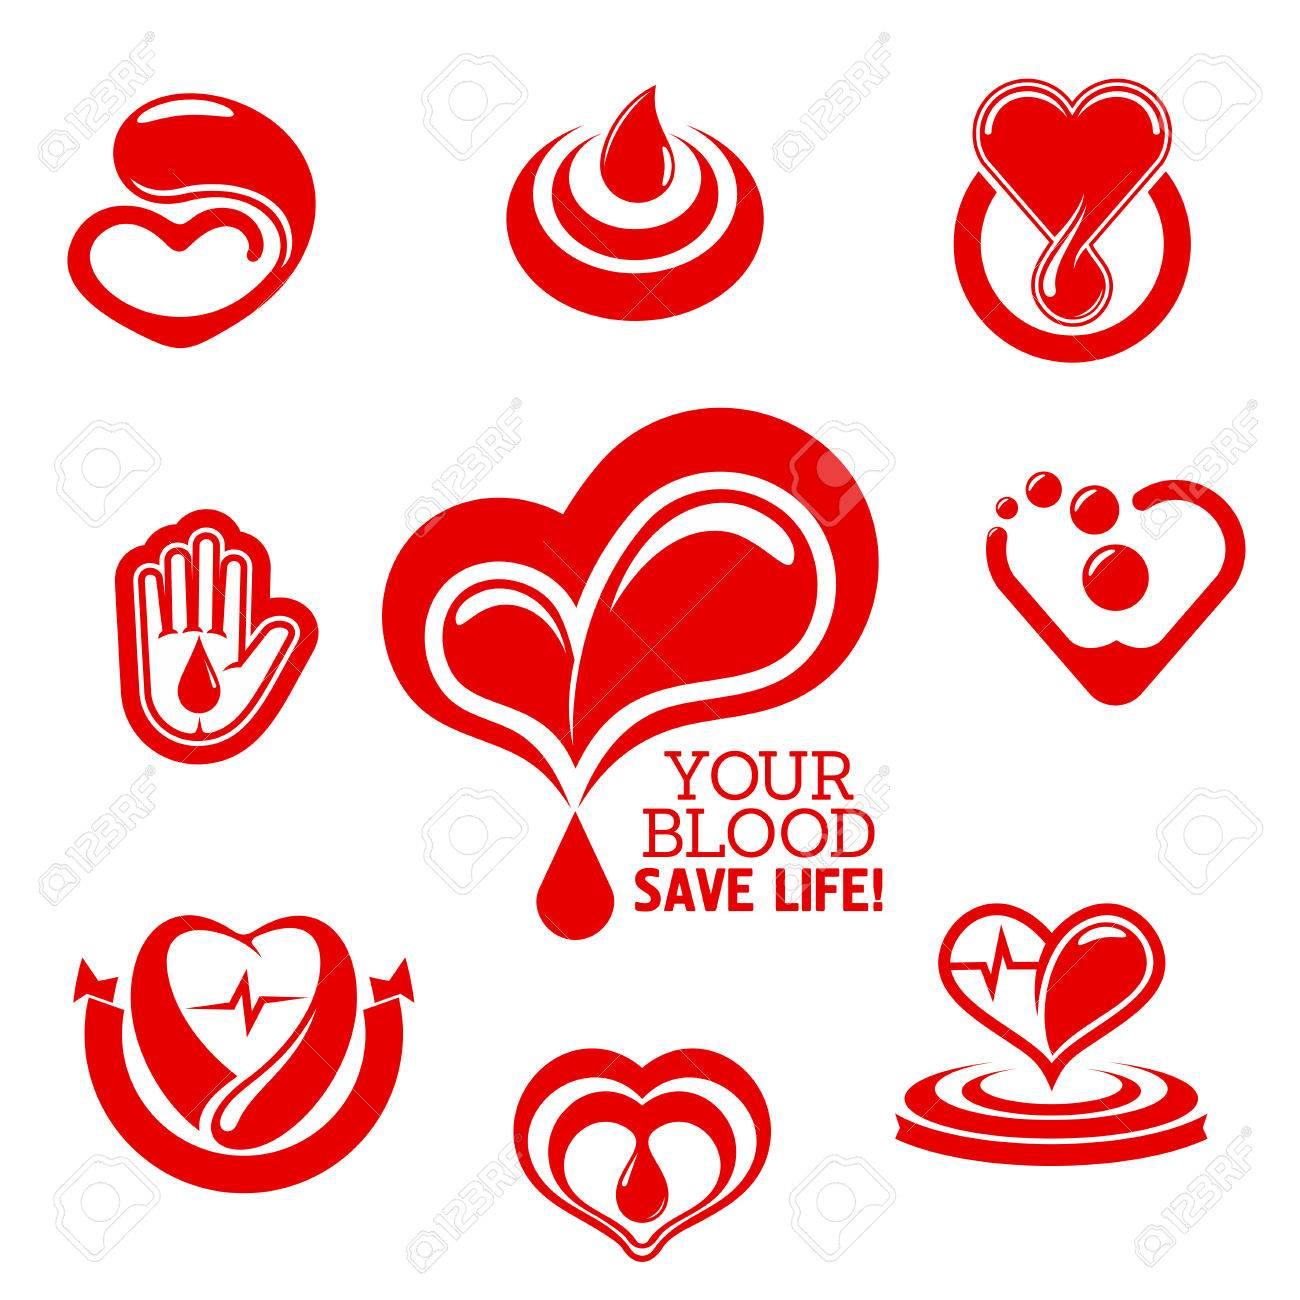 Donación De Sangre Símbolos Conceptuales Con Corazones De Color Rojo